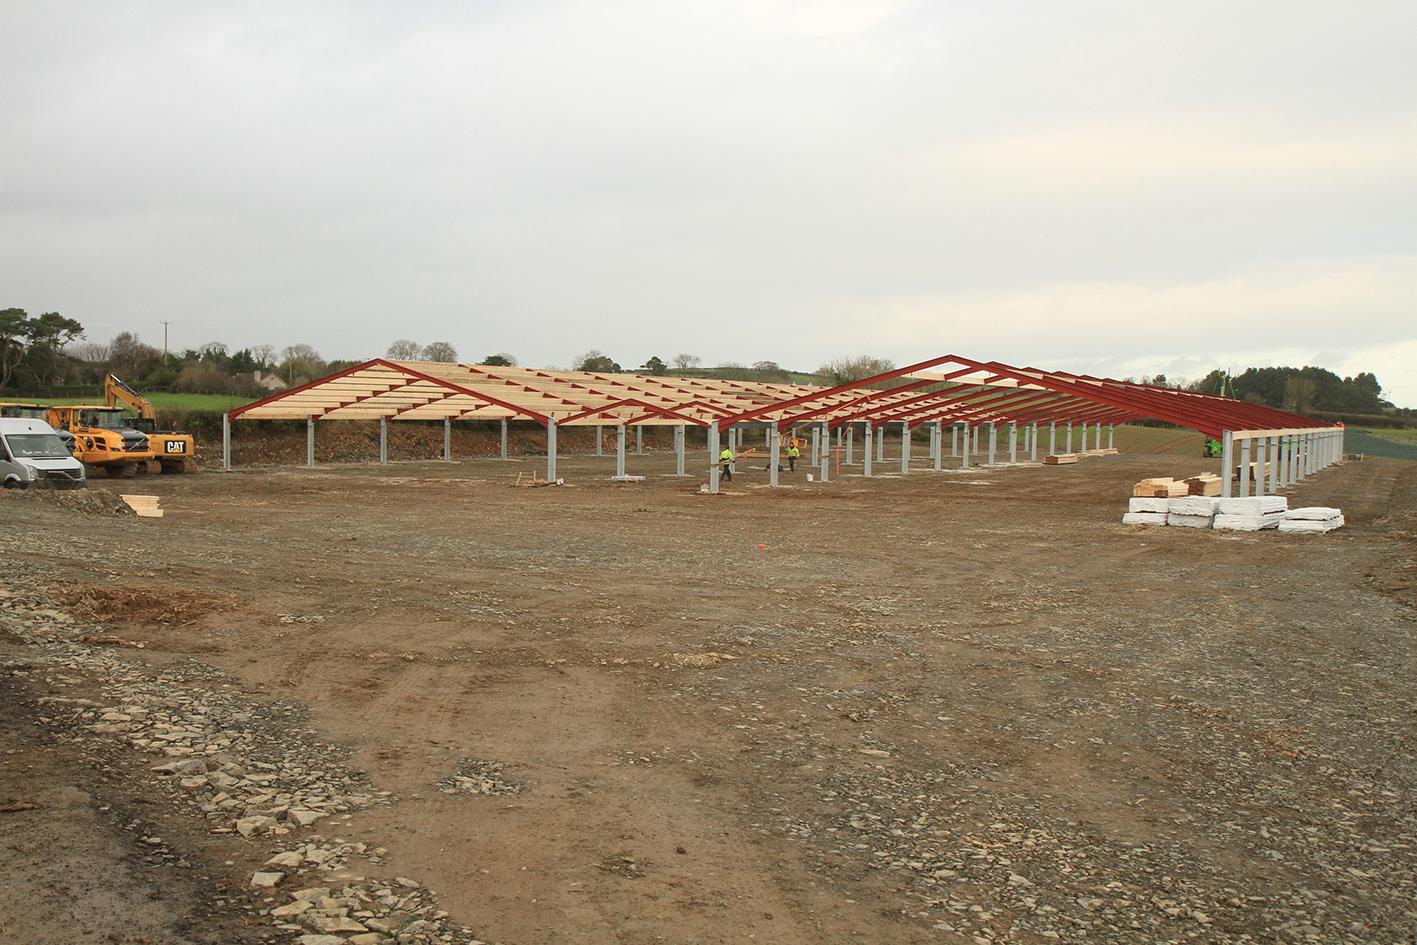 February 2017